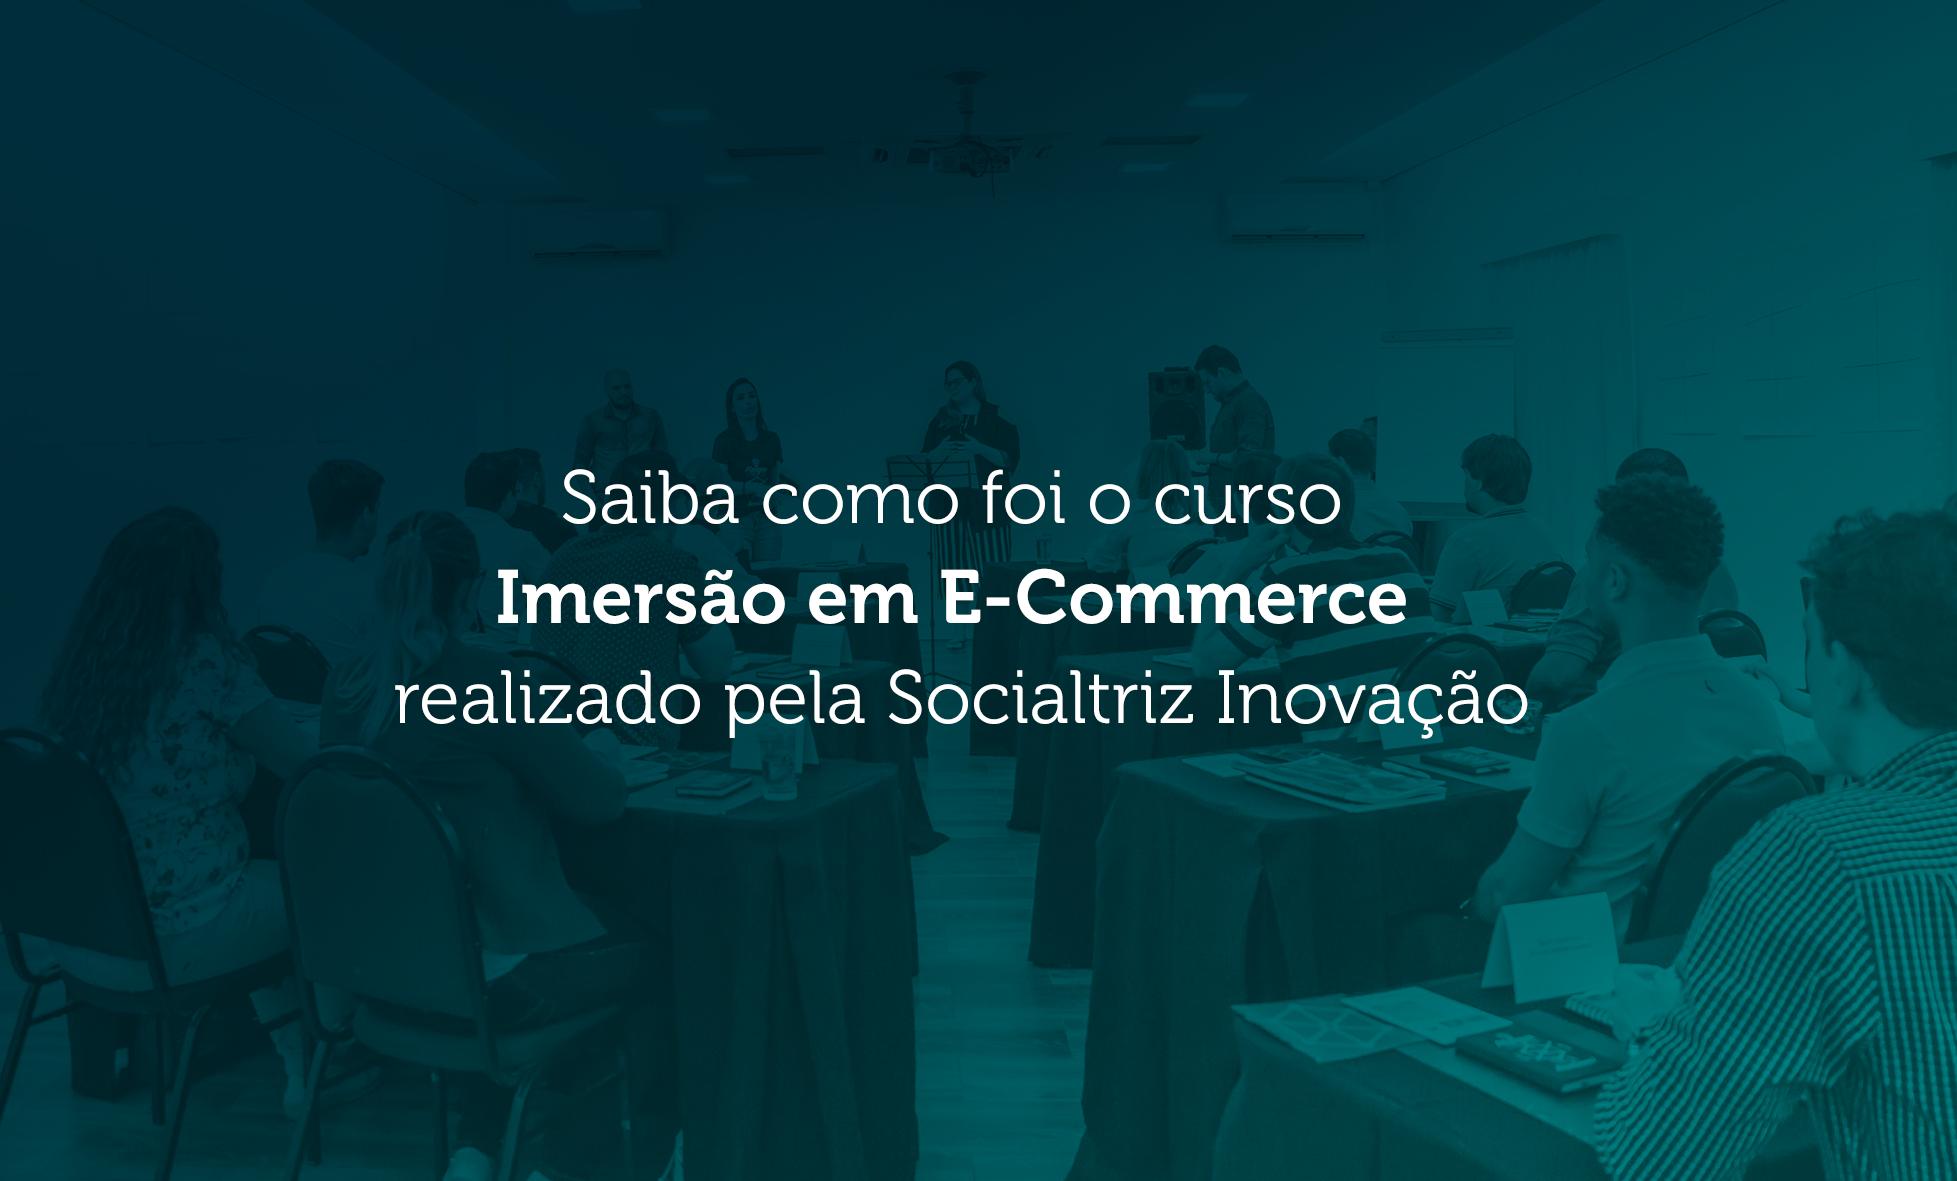 SOCIALTRIZ_blog-imersao